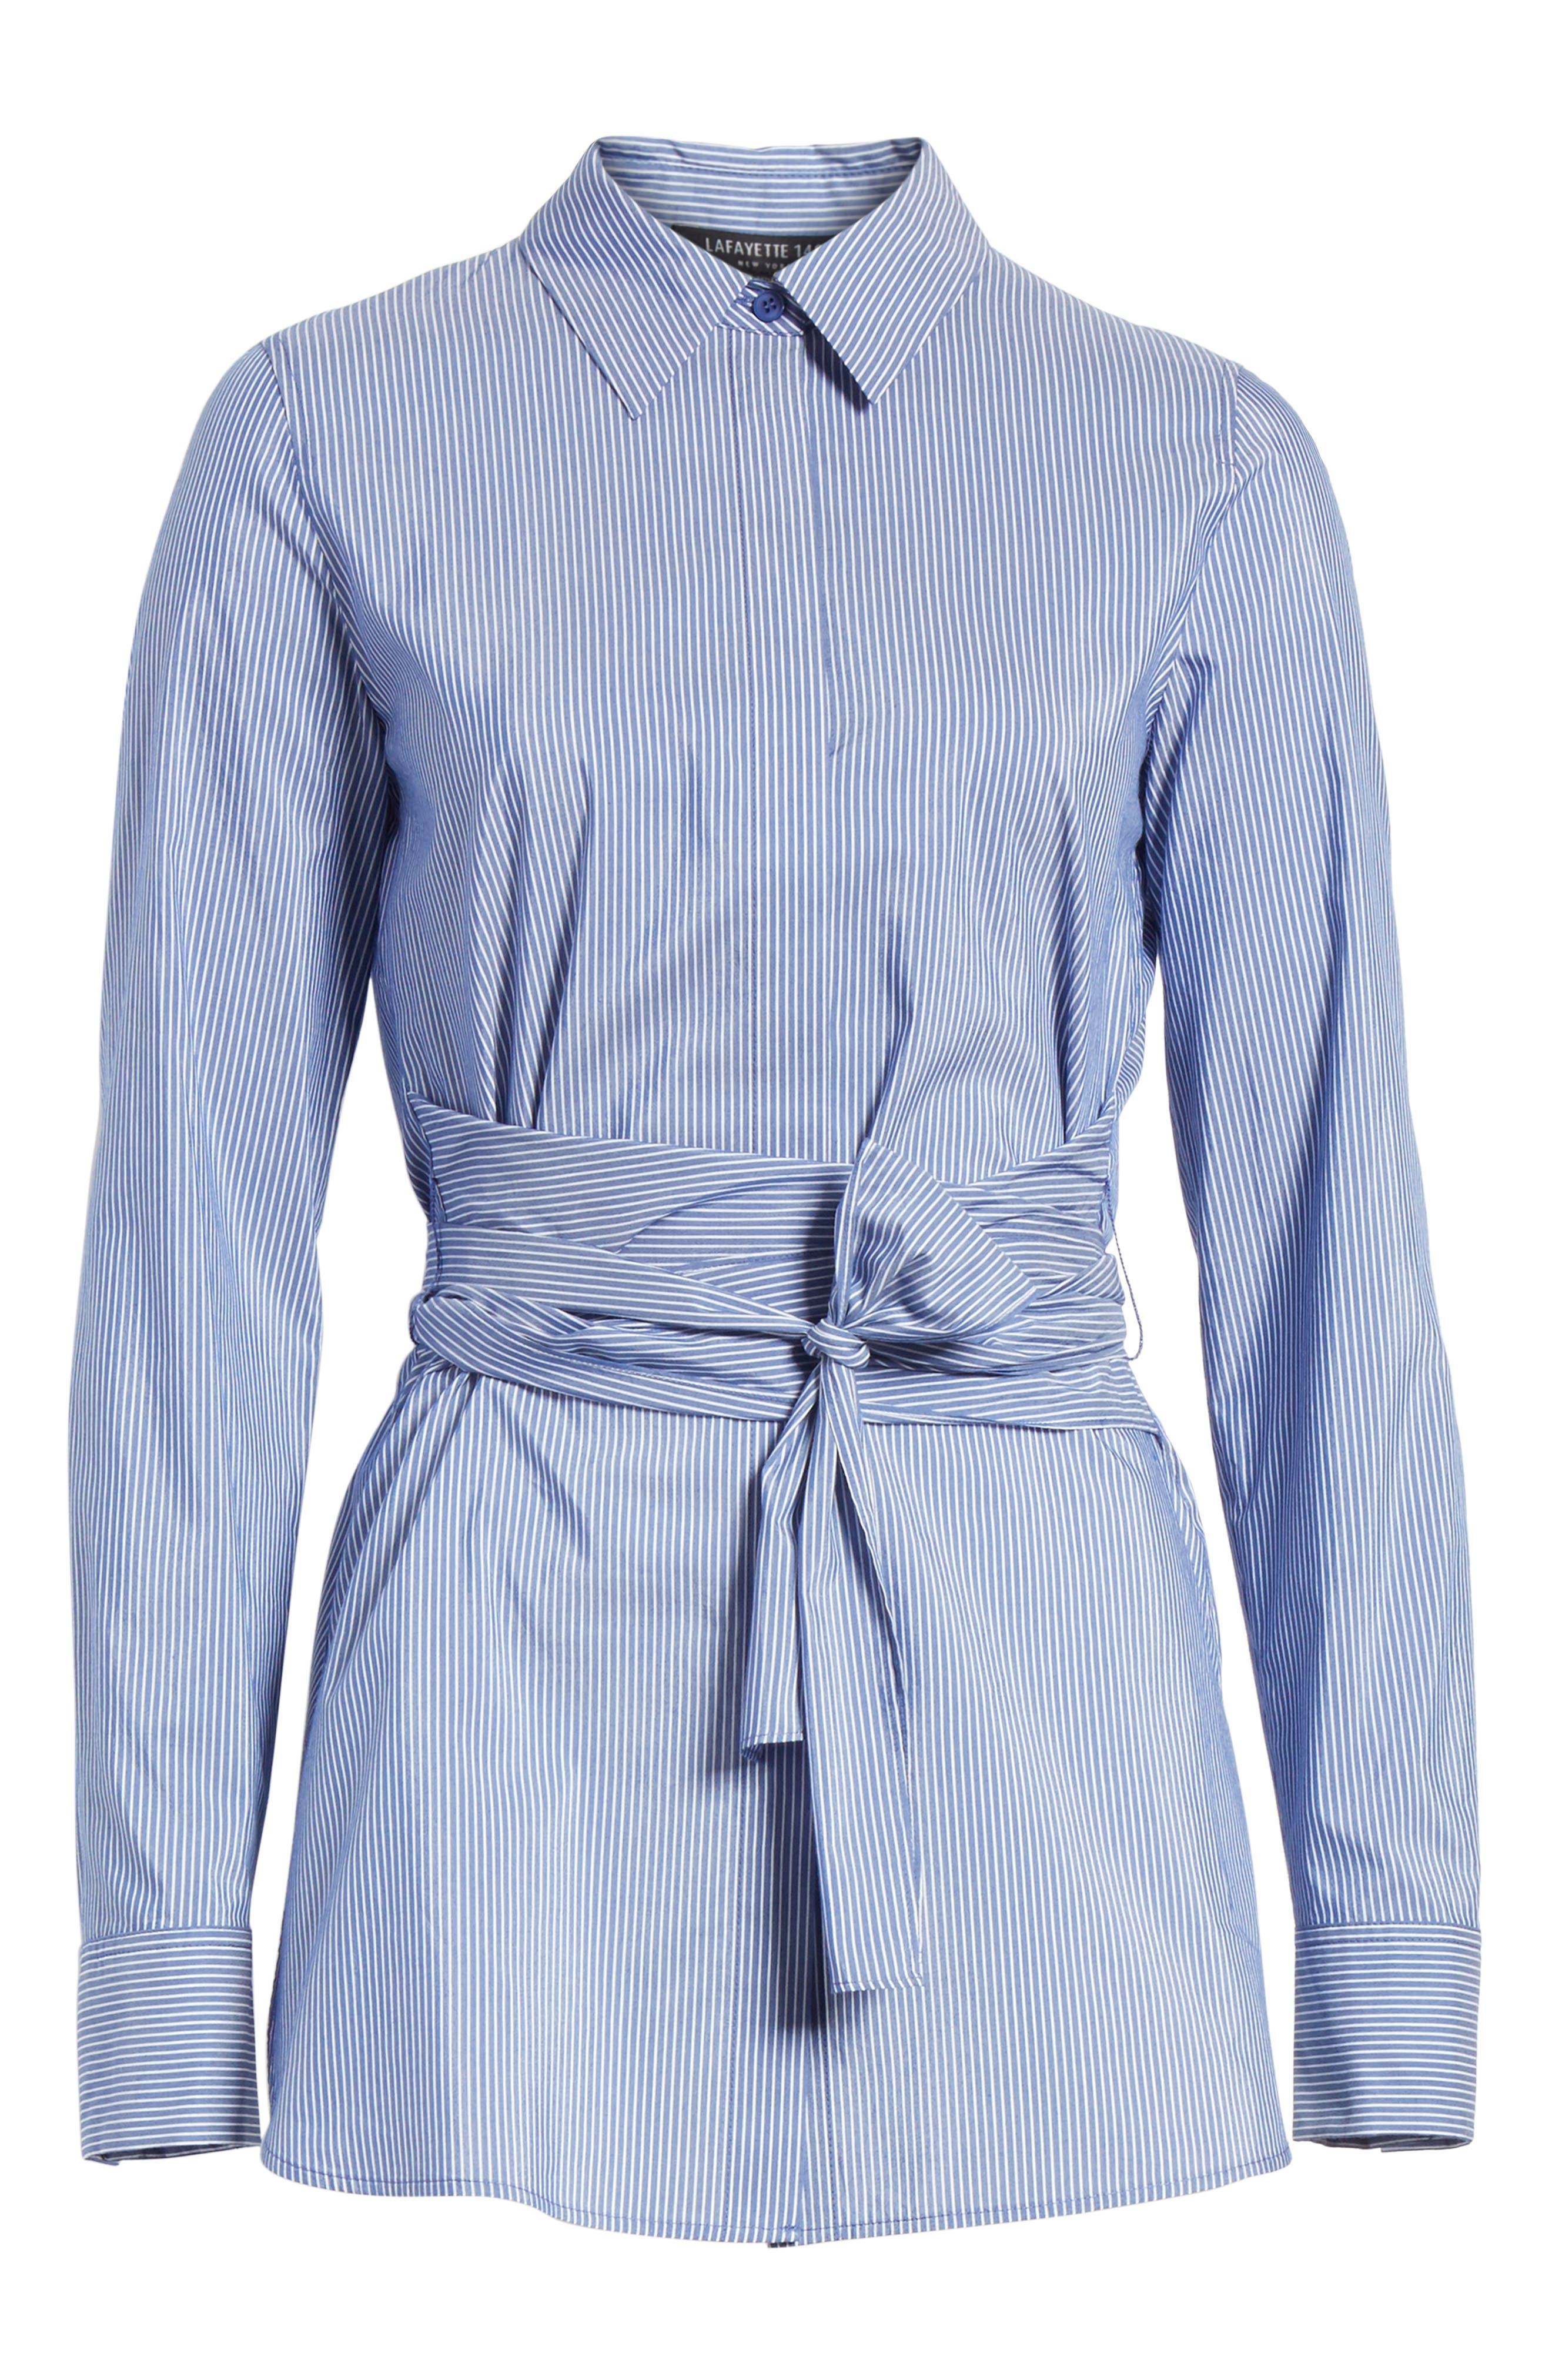 Cordelia Tie Waist Blouse,                             Alternate thumbnail 6, color,                             Delft Multi